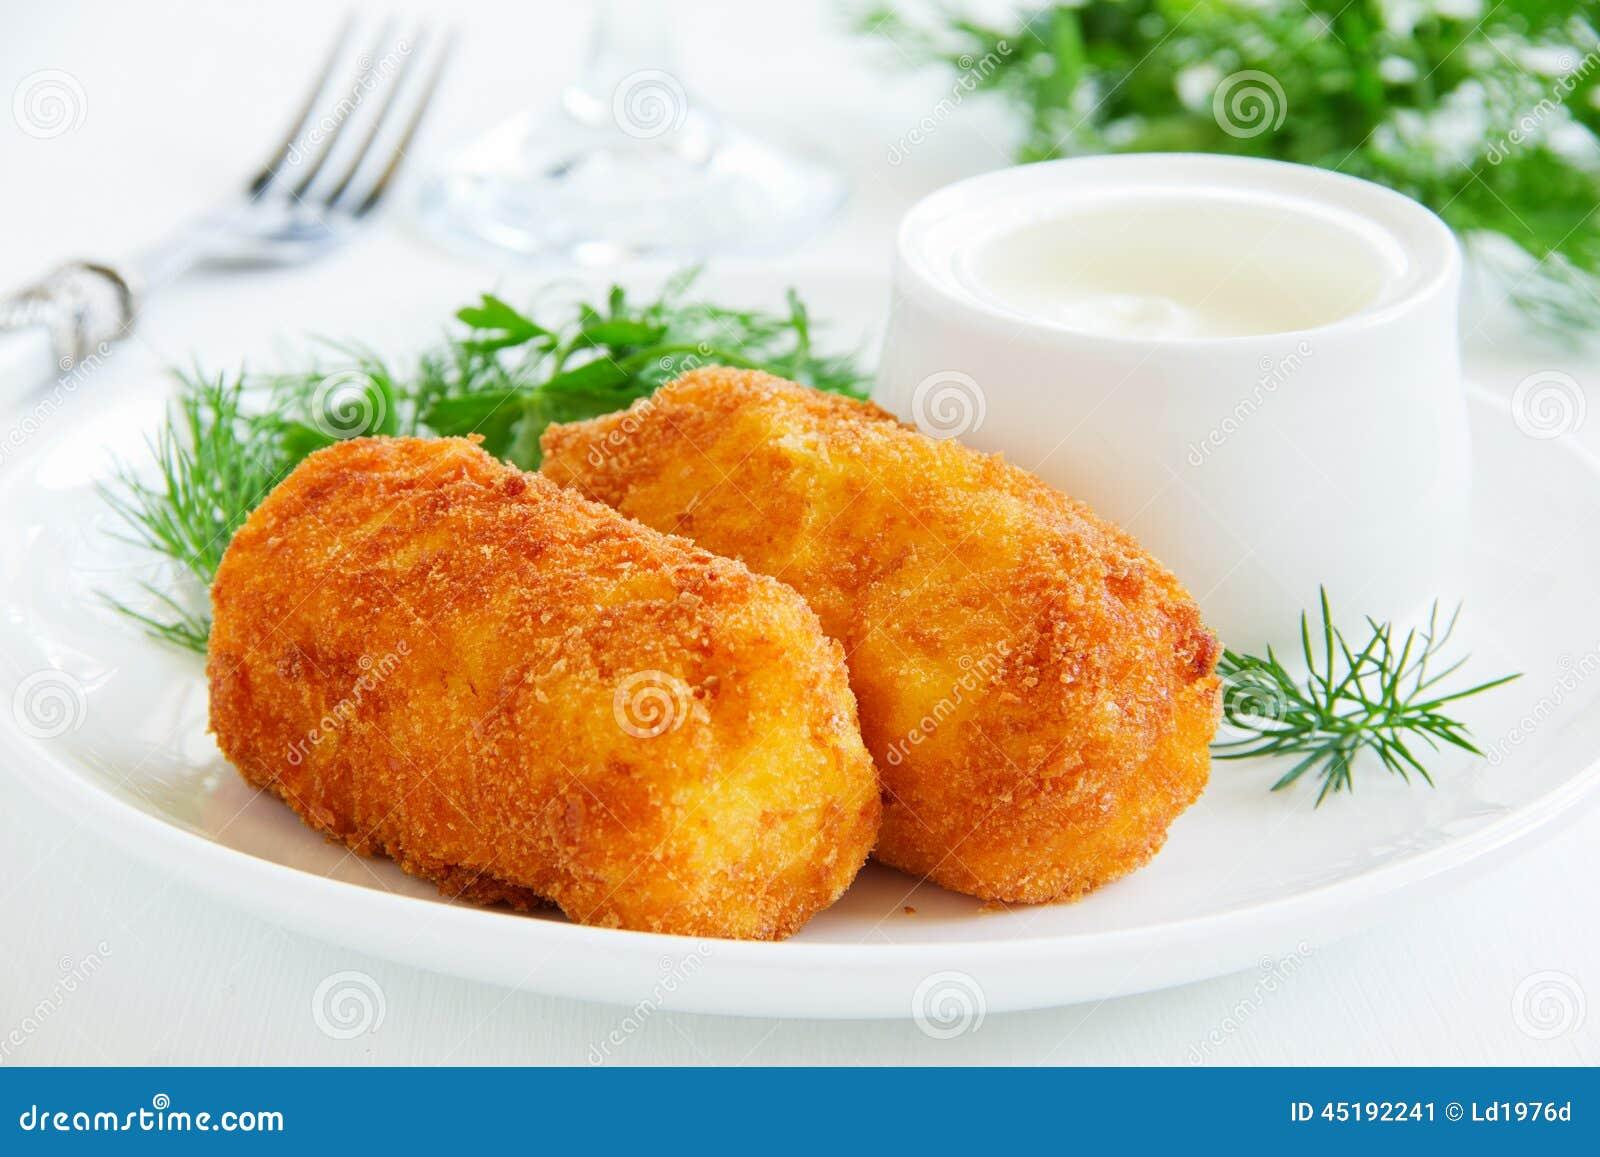 croquettes de pomme de terre avec du mozzarella image stock image du tater croquettes 45192241. Black Bedroom Furniture Sets. Home Design Ideas